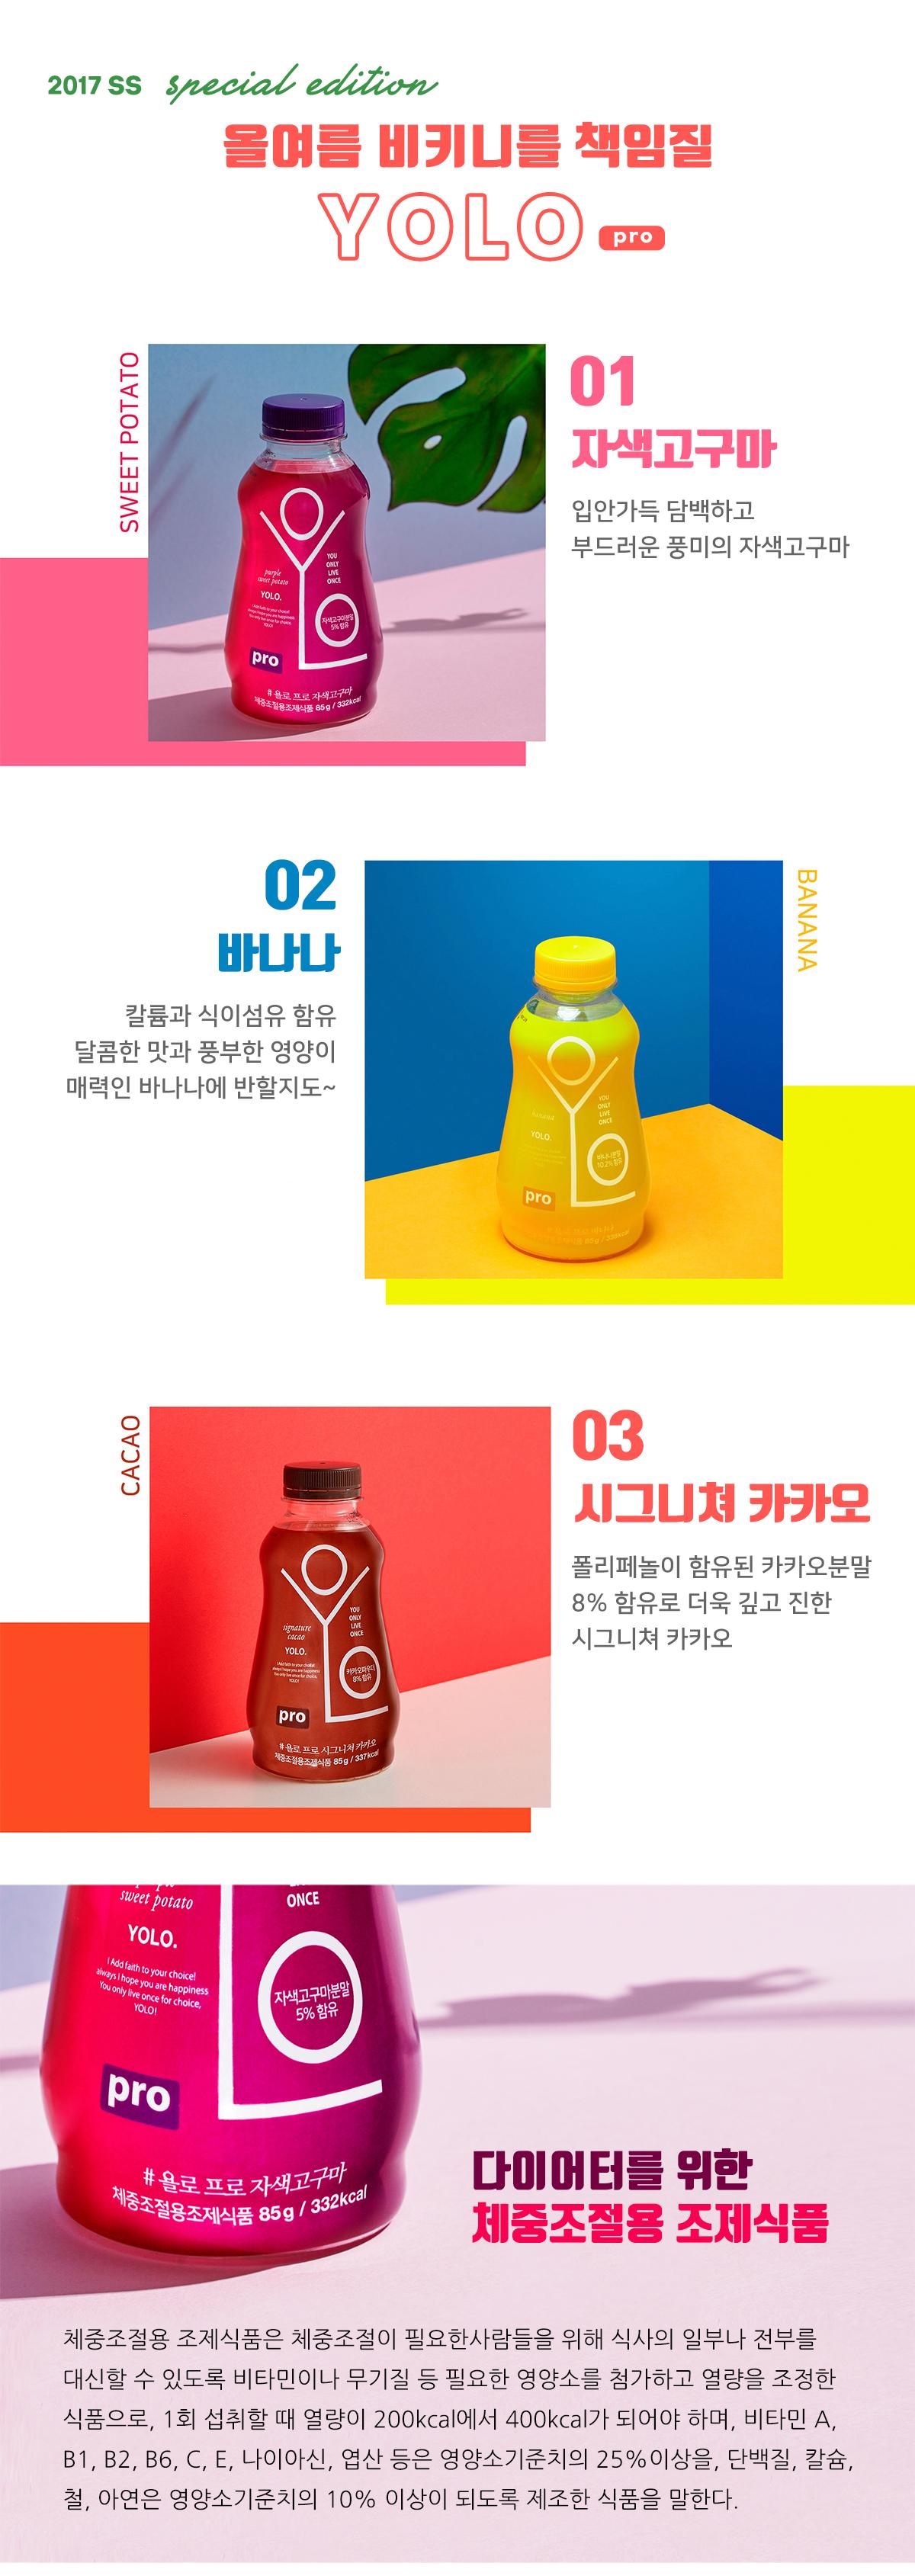 YOLO(욜로프로) 자색고구마 베이직(6개입) - 욜로 프로, 23,400원, 다이어트식품, 다이어트보조식품